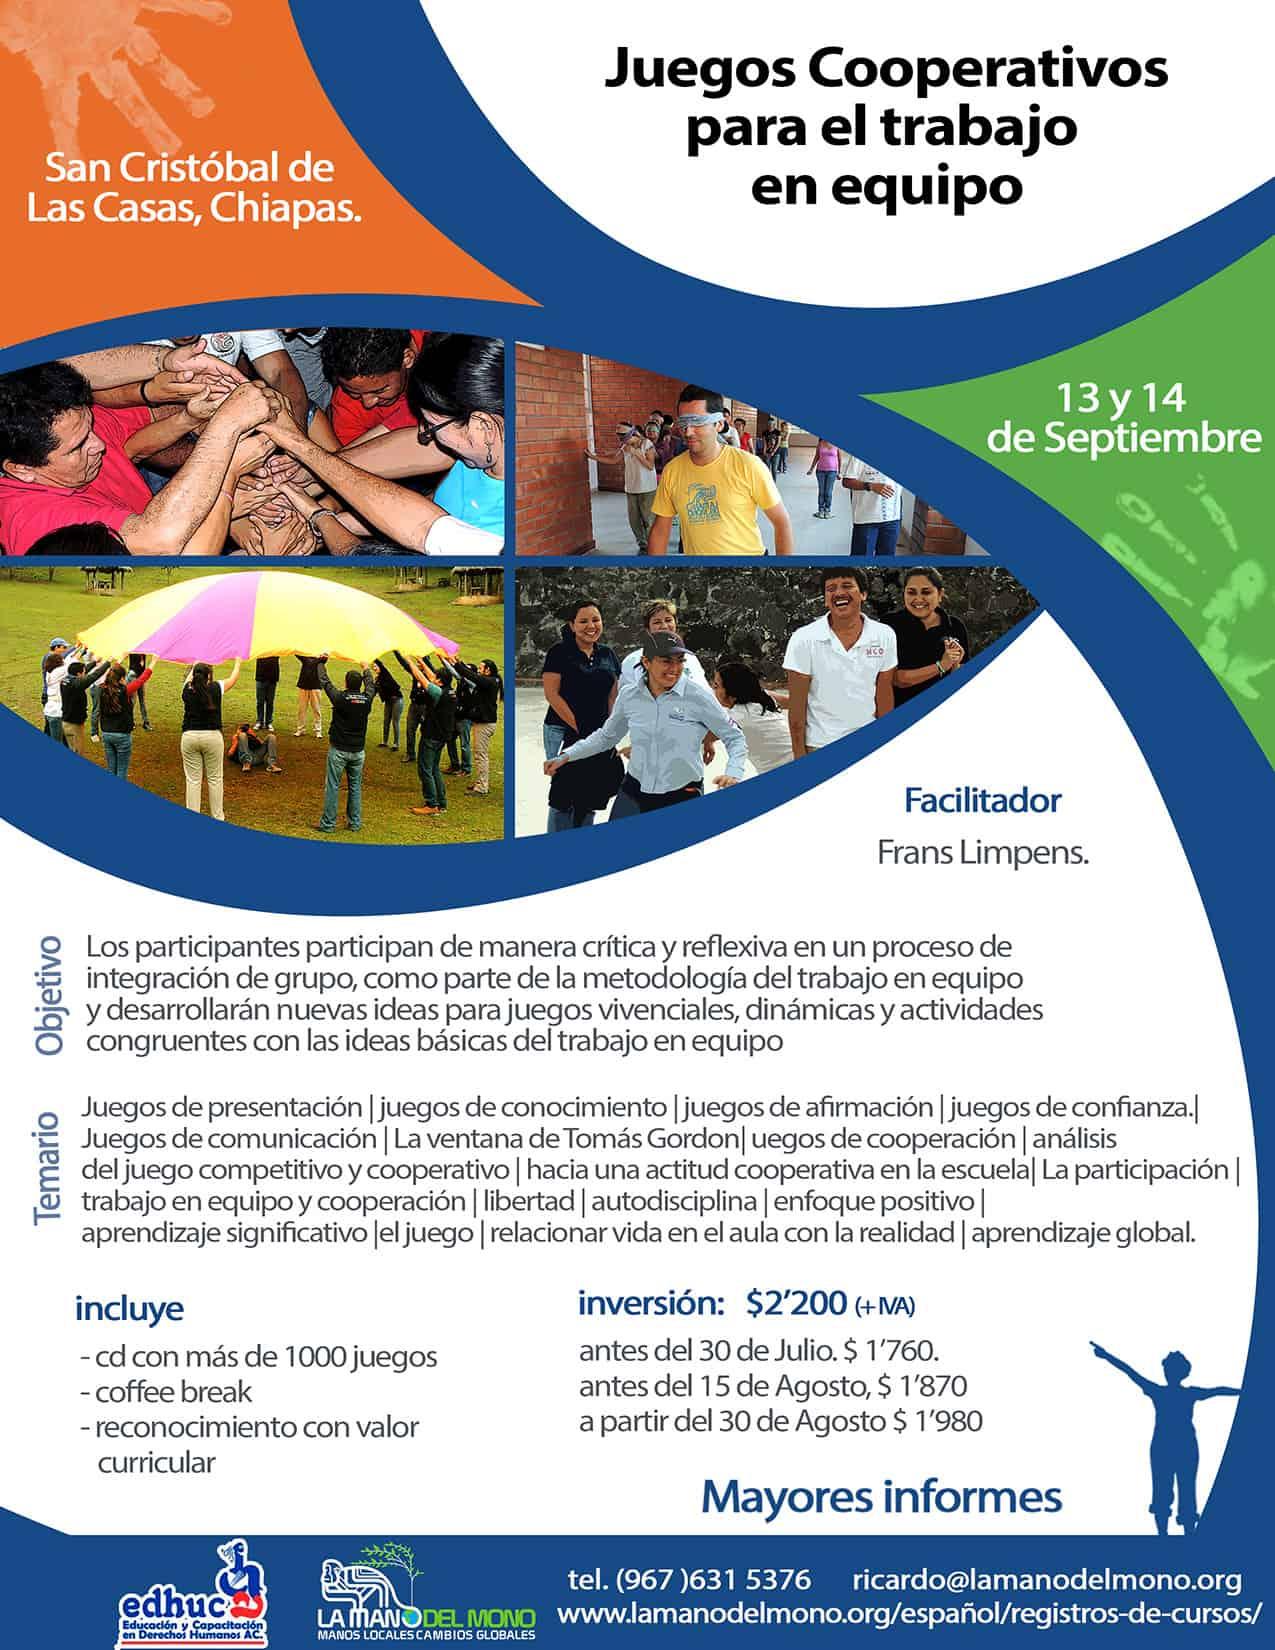 Adventure Mexico Travel Juegos Cooperativos Trabajo En Equipo